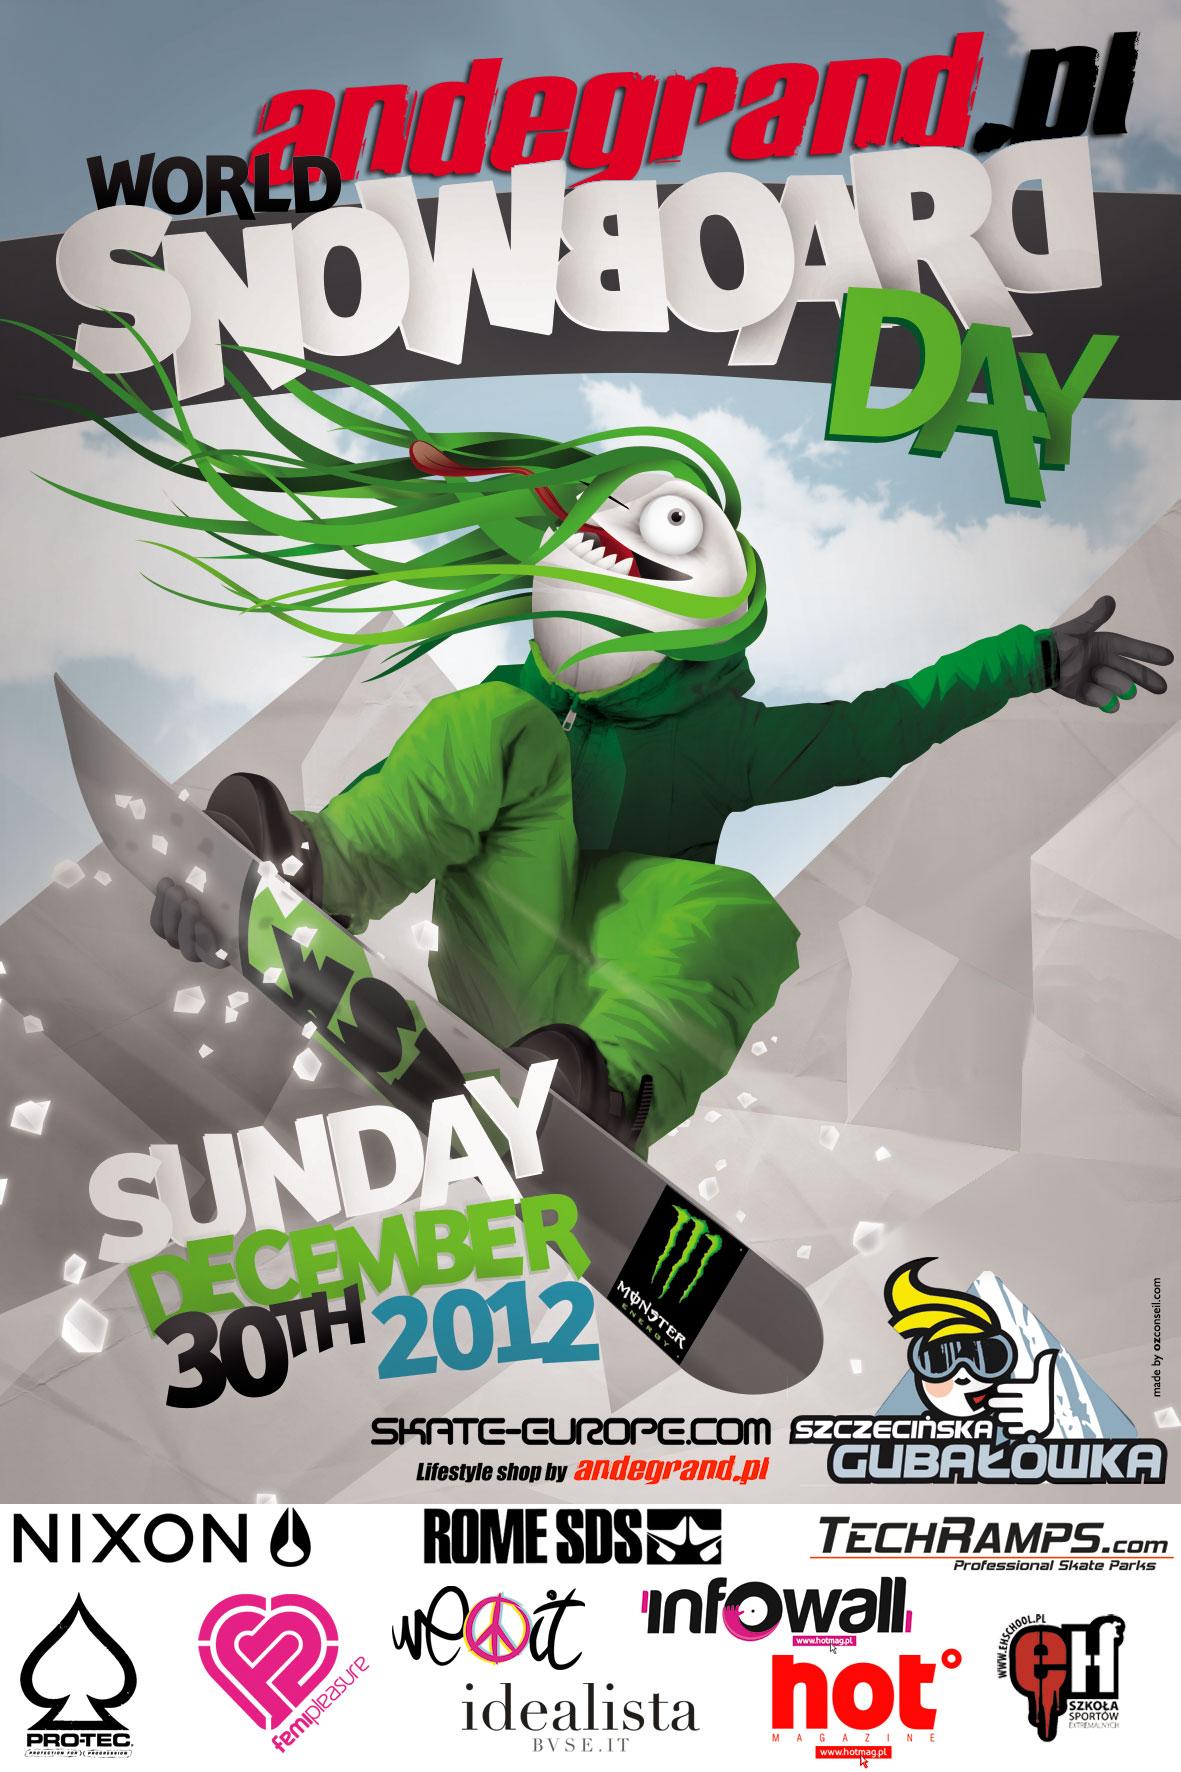 Światowy Dzień Snowboardu - World Snowboard Day